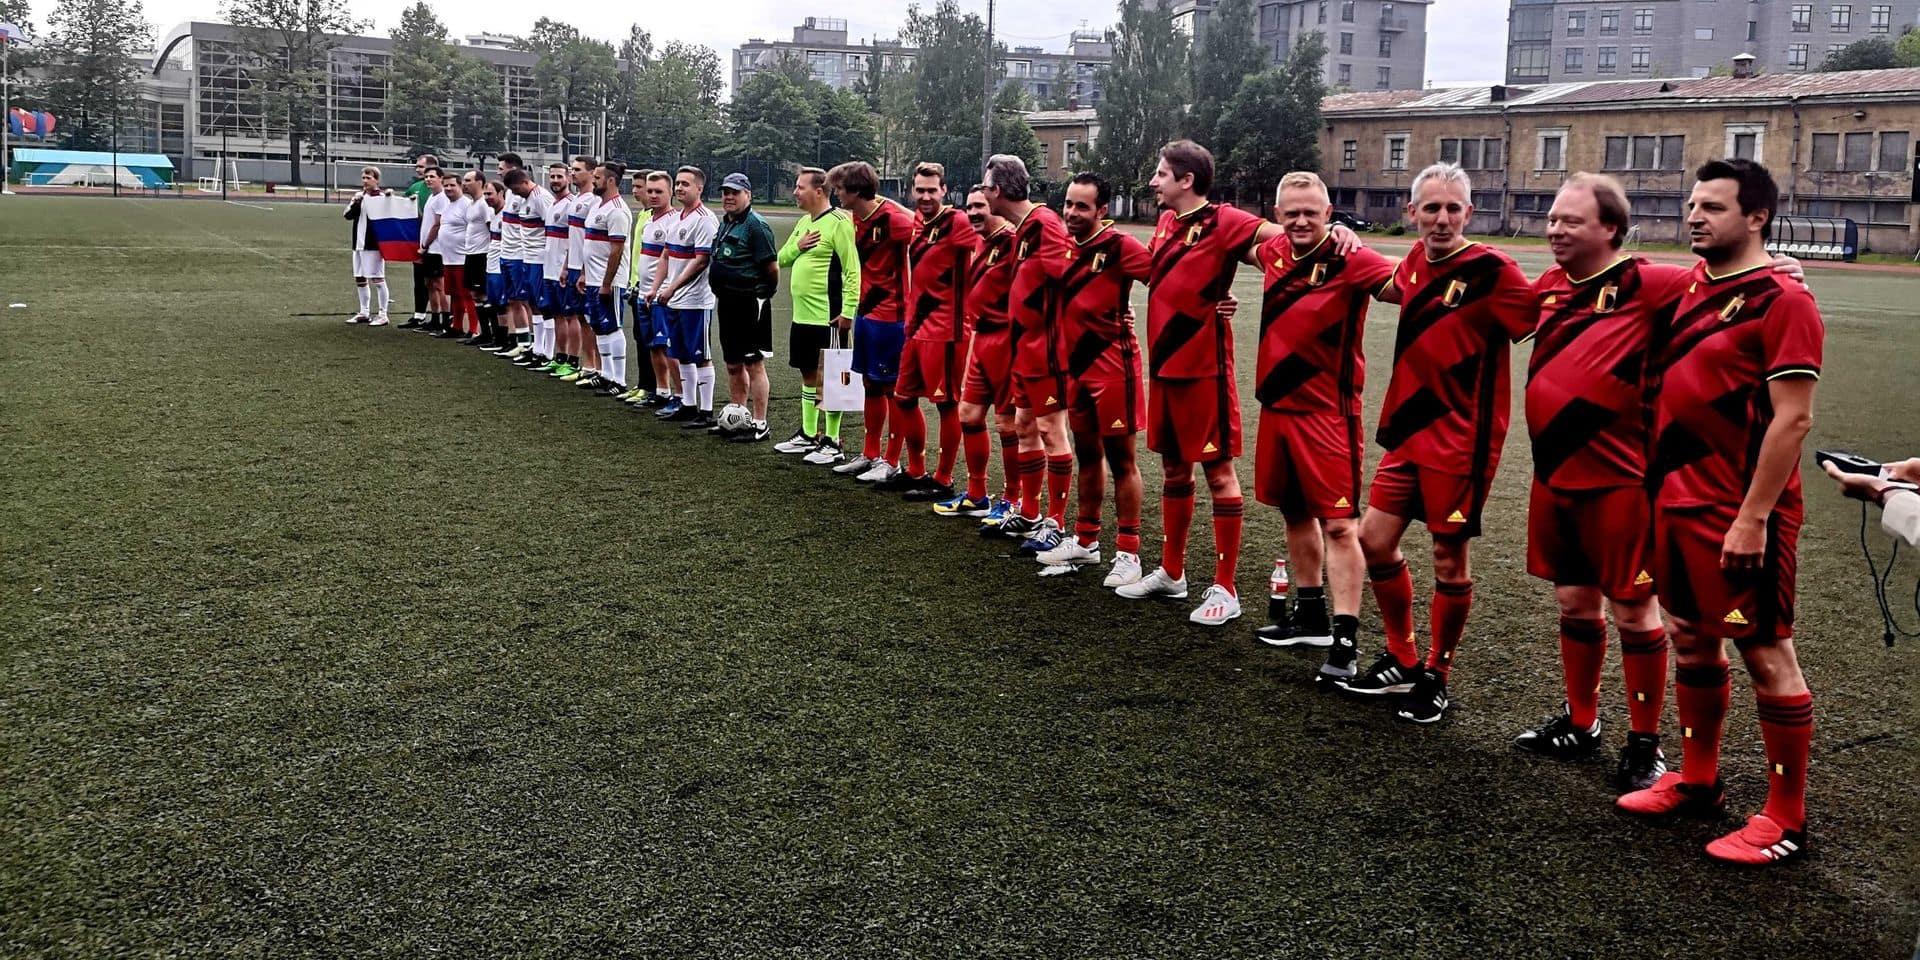 La Russie a déjà battu la Belgique dans un match... entre supporters